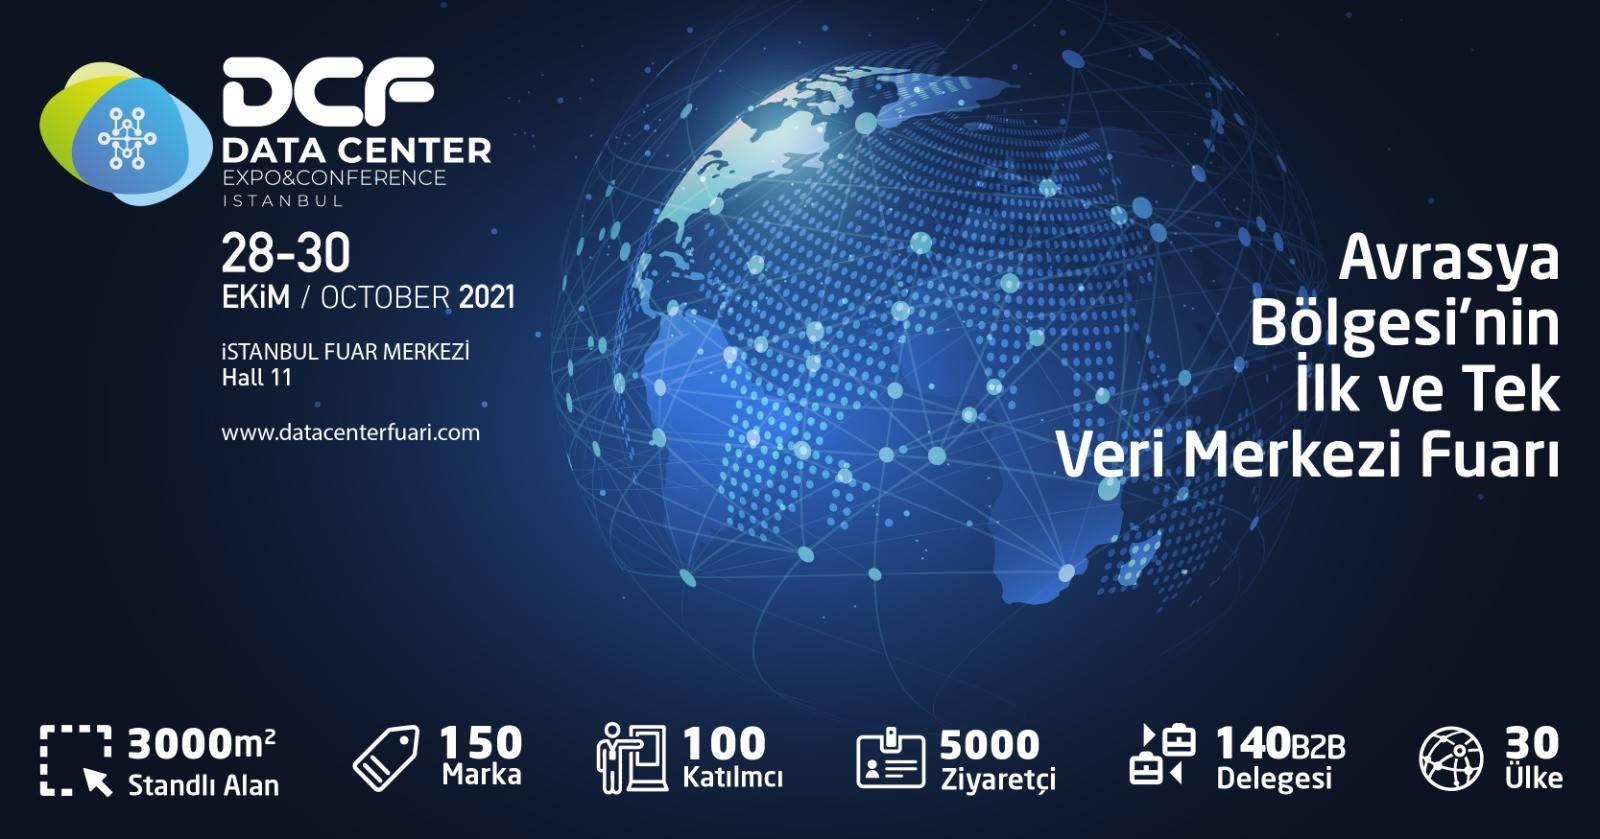 Avrasya'nın Veri Merkezi sektörü İstanbul'da yapılacak DCF Data Center Expo'da buluşacak!